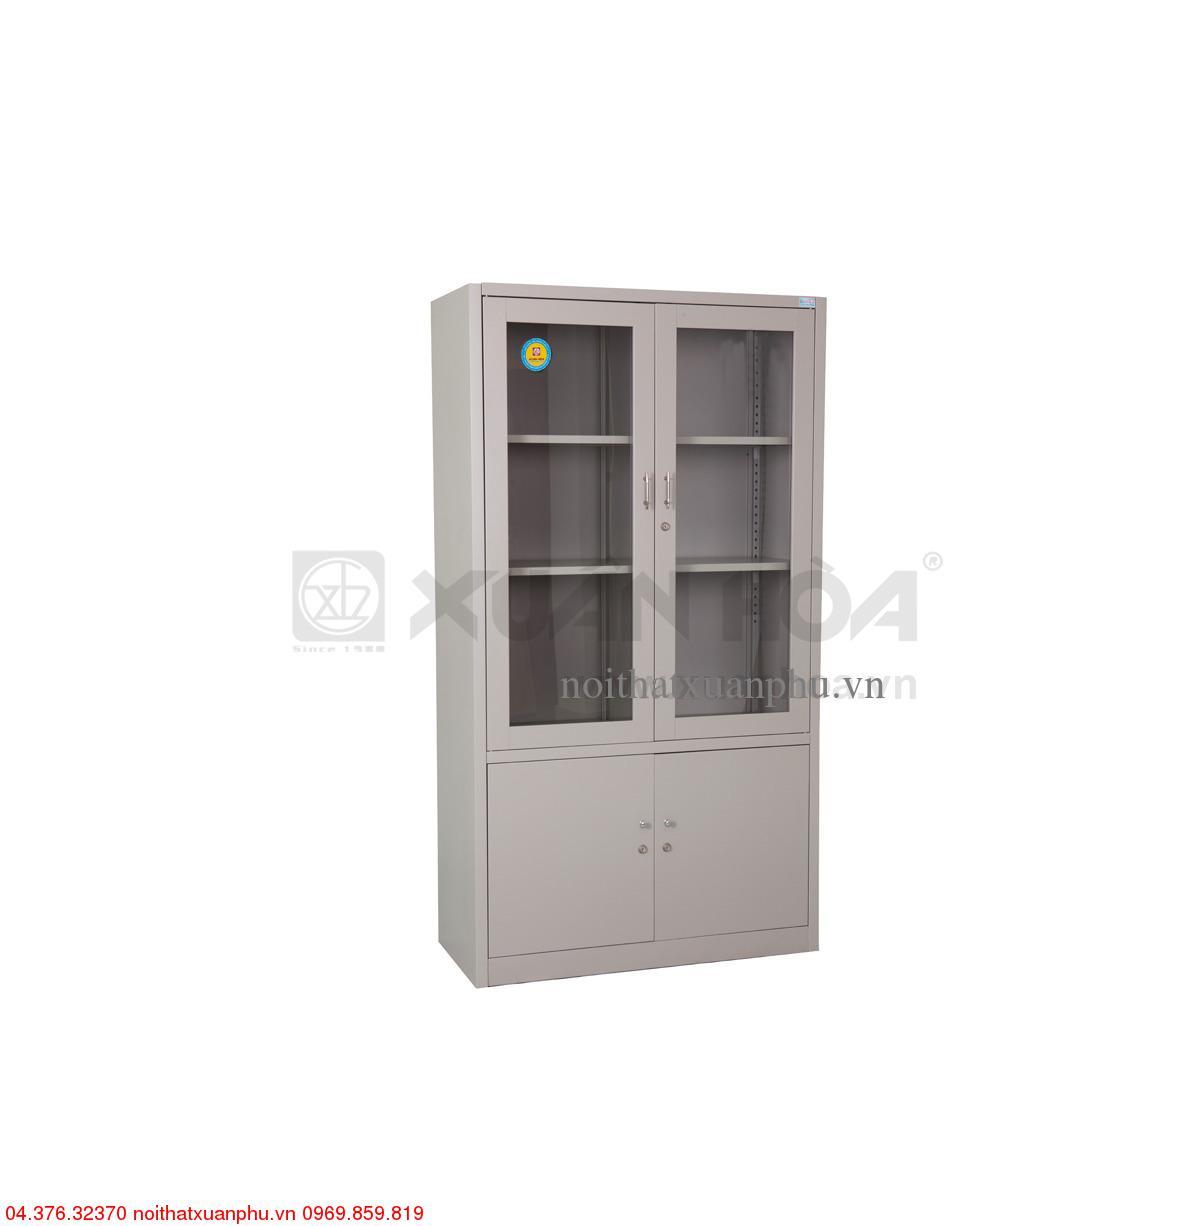 Hình ảnh sản phẩm Tủ sắt văn phòng có cánh kính sơn phủ tĩnh điện Xuân Hòa CA-3A-LG 100 x 45,2 x 183 cm